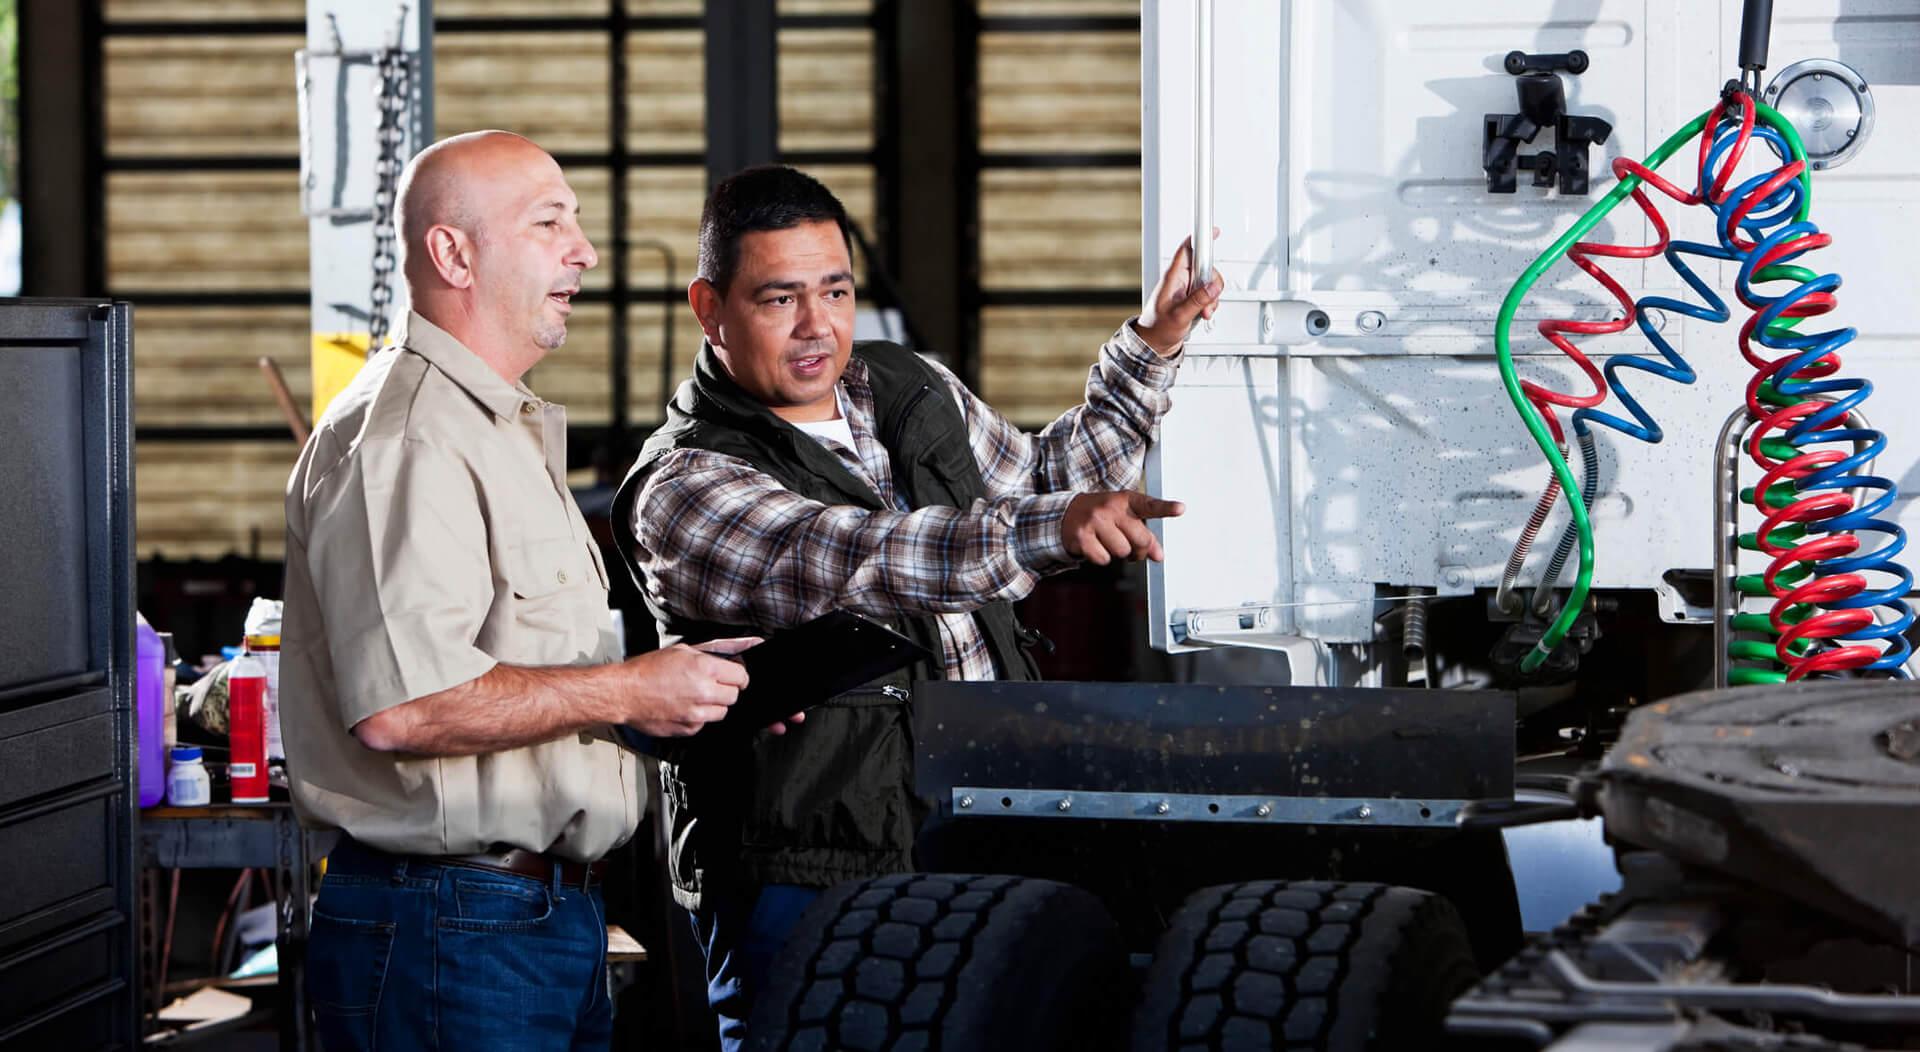 semi truck mechanics in a service garage with semi truck